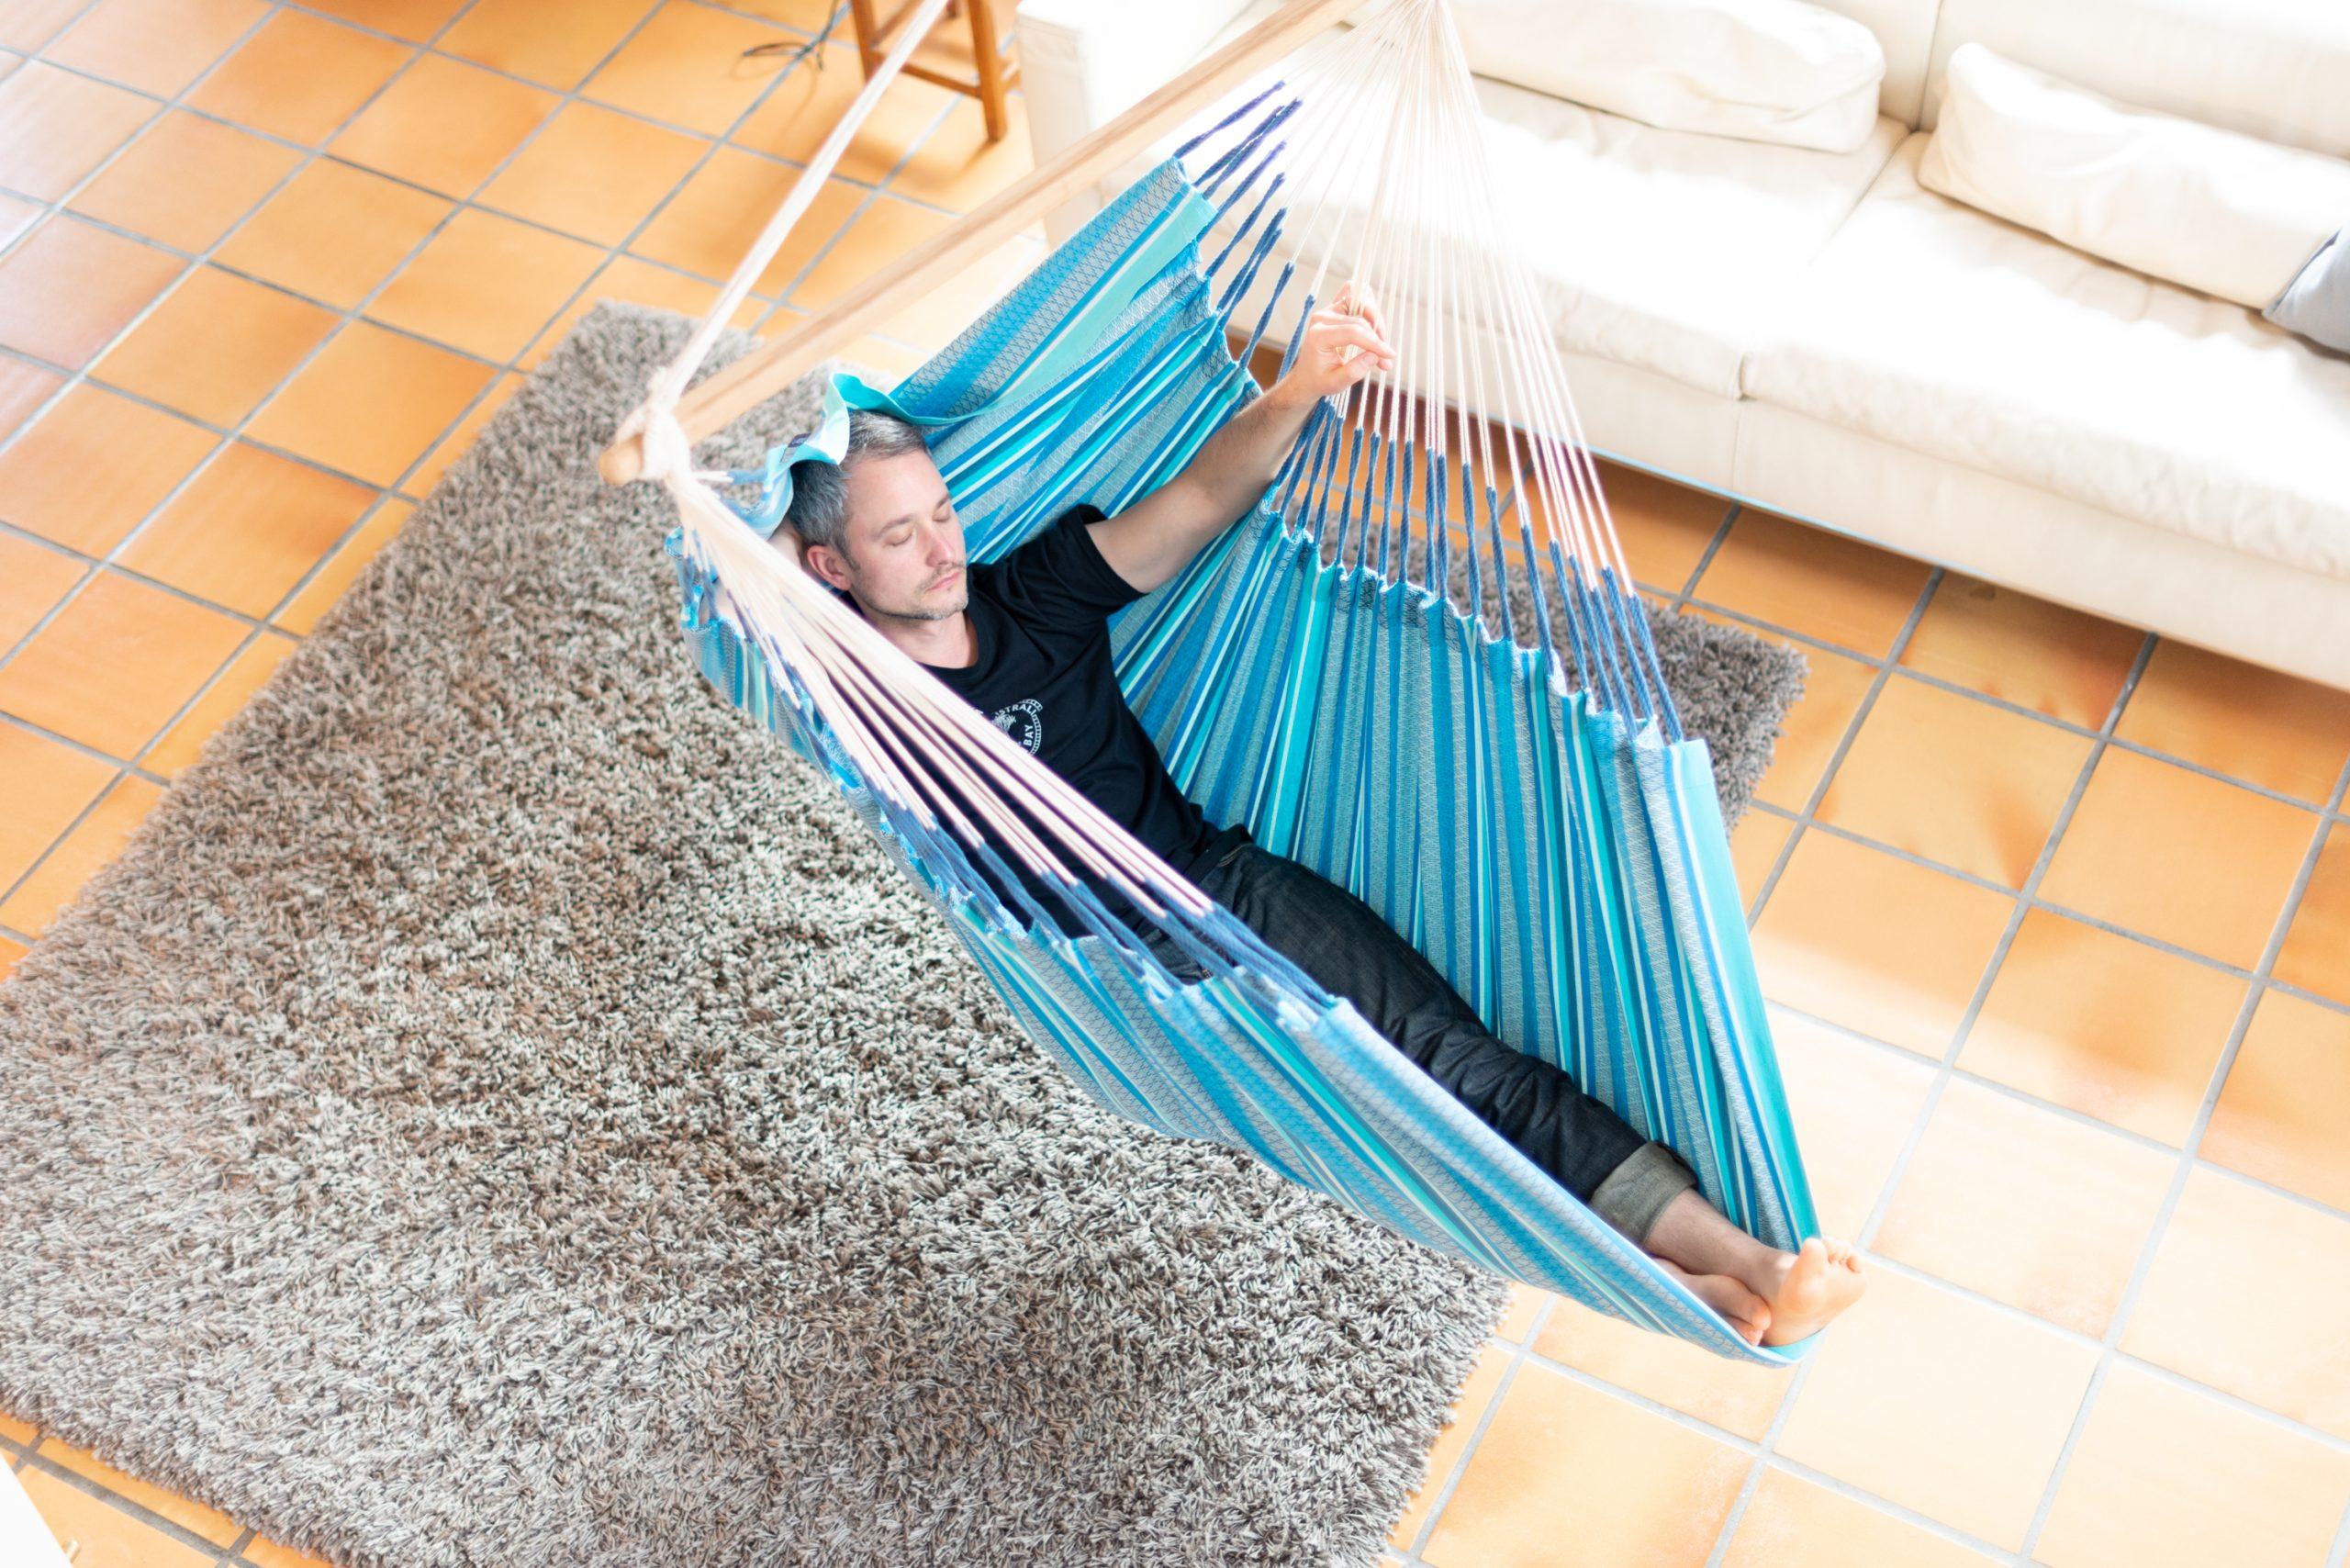 Hängesessel aus GOTS-zertifizierter Bio-Baumwolle*